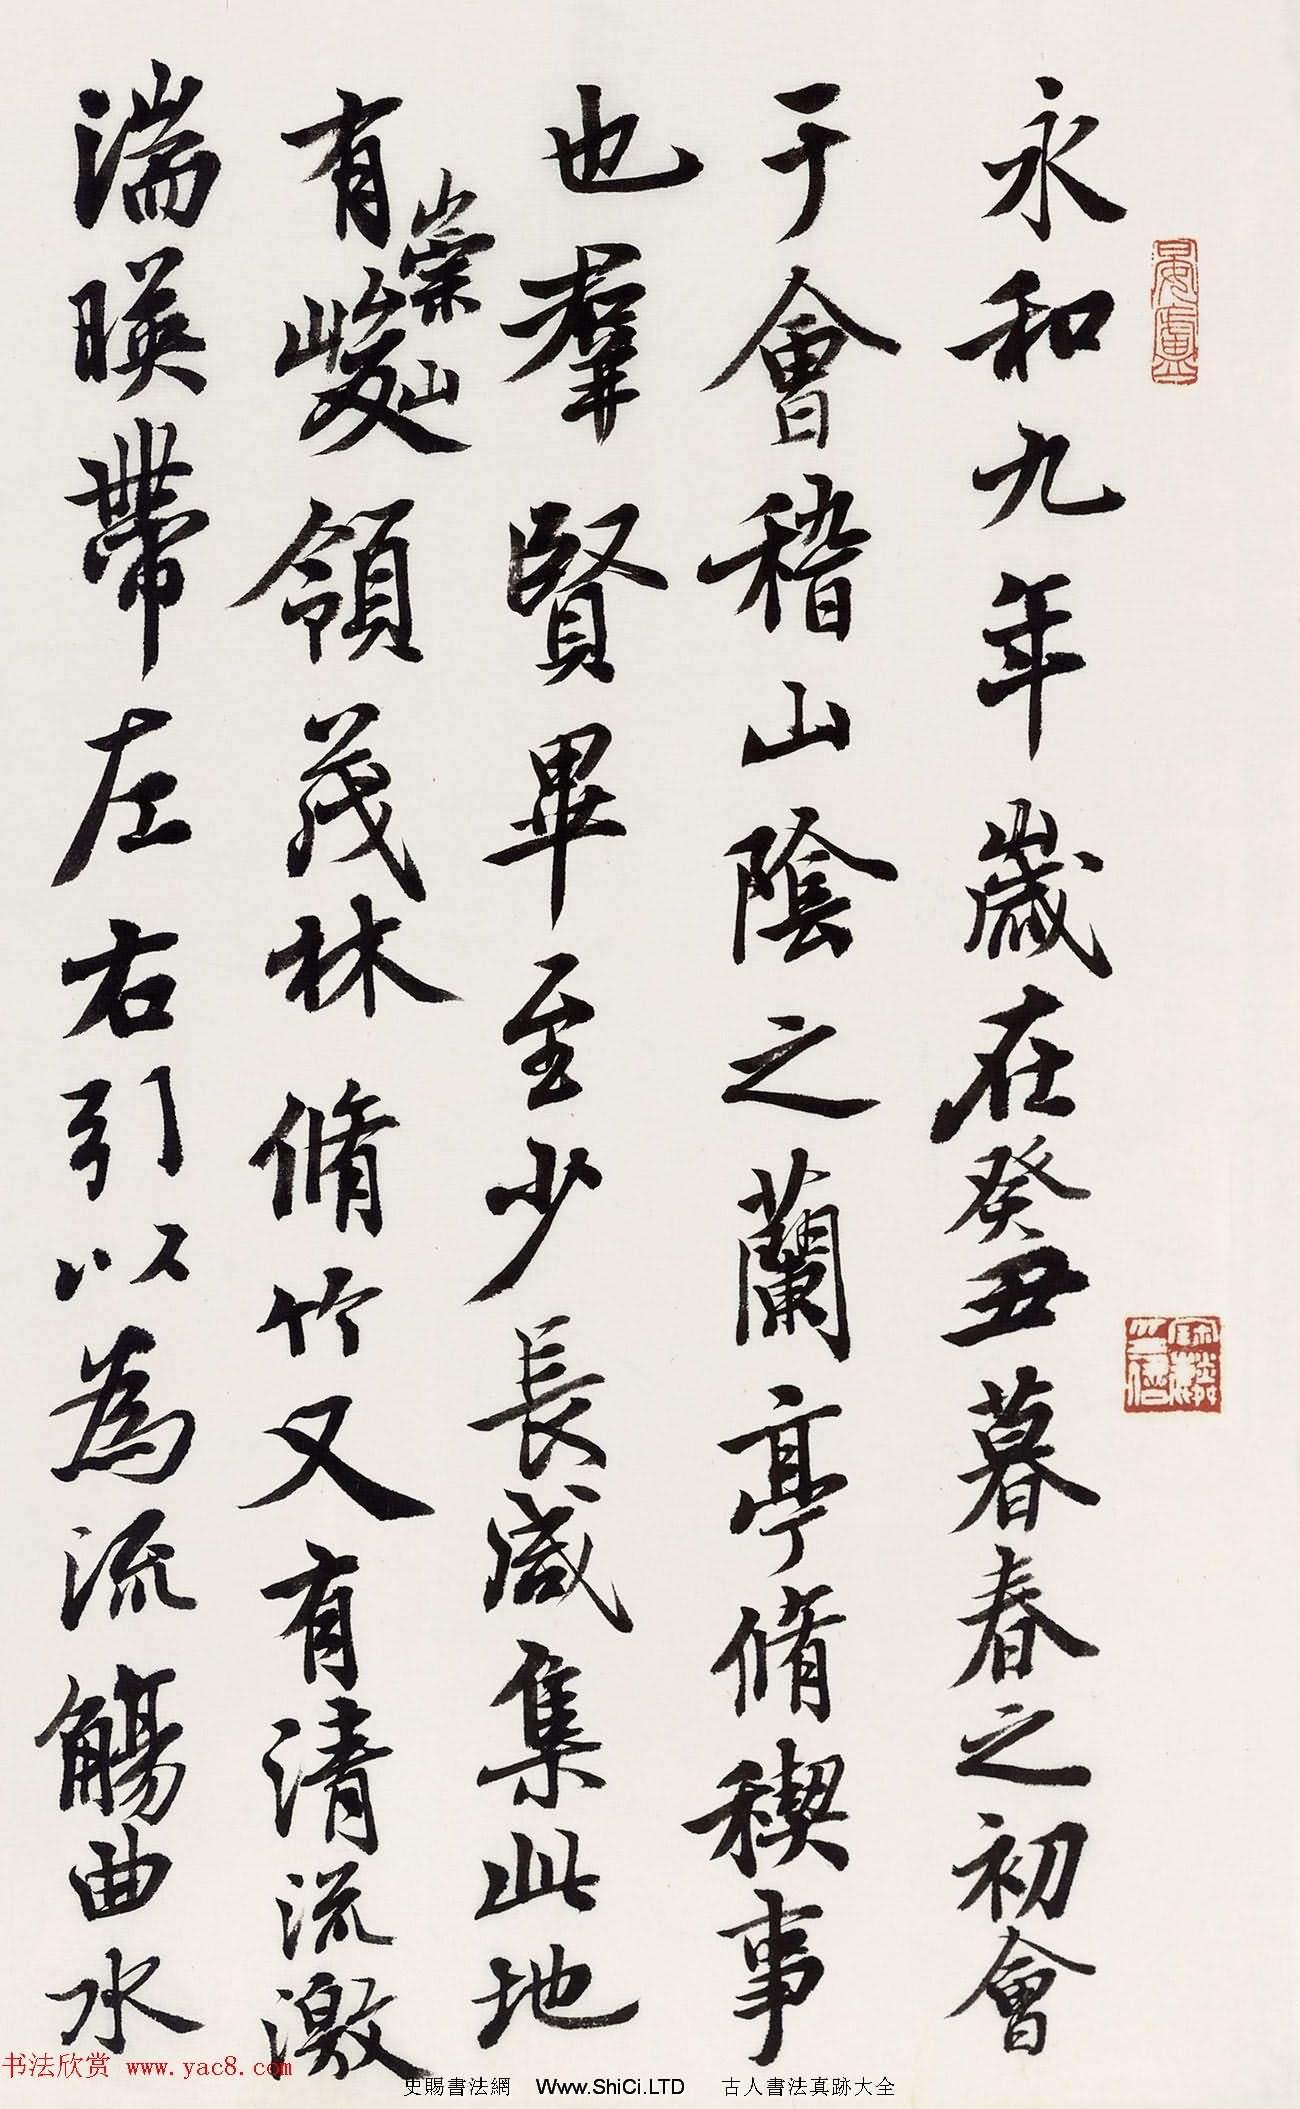 著名書法家曹寶麟臨蘭亭序大圖真跡欣賞(共6張圖片)